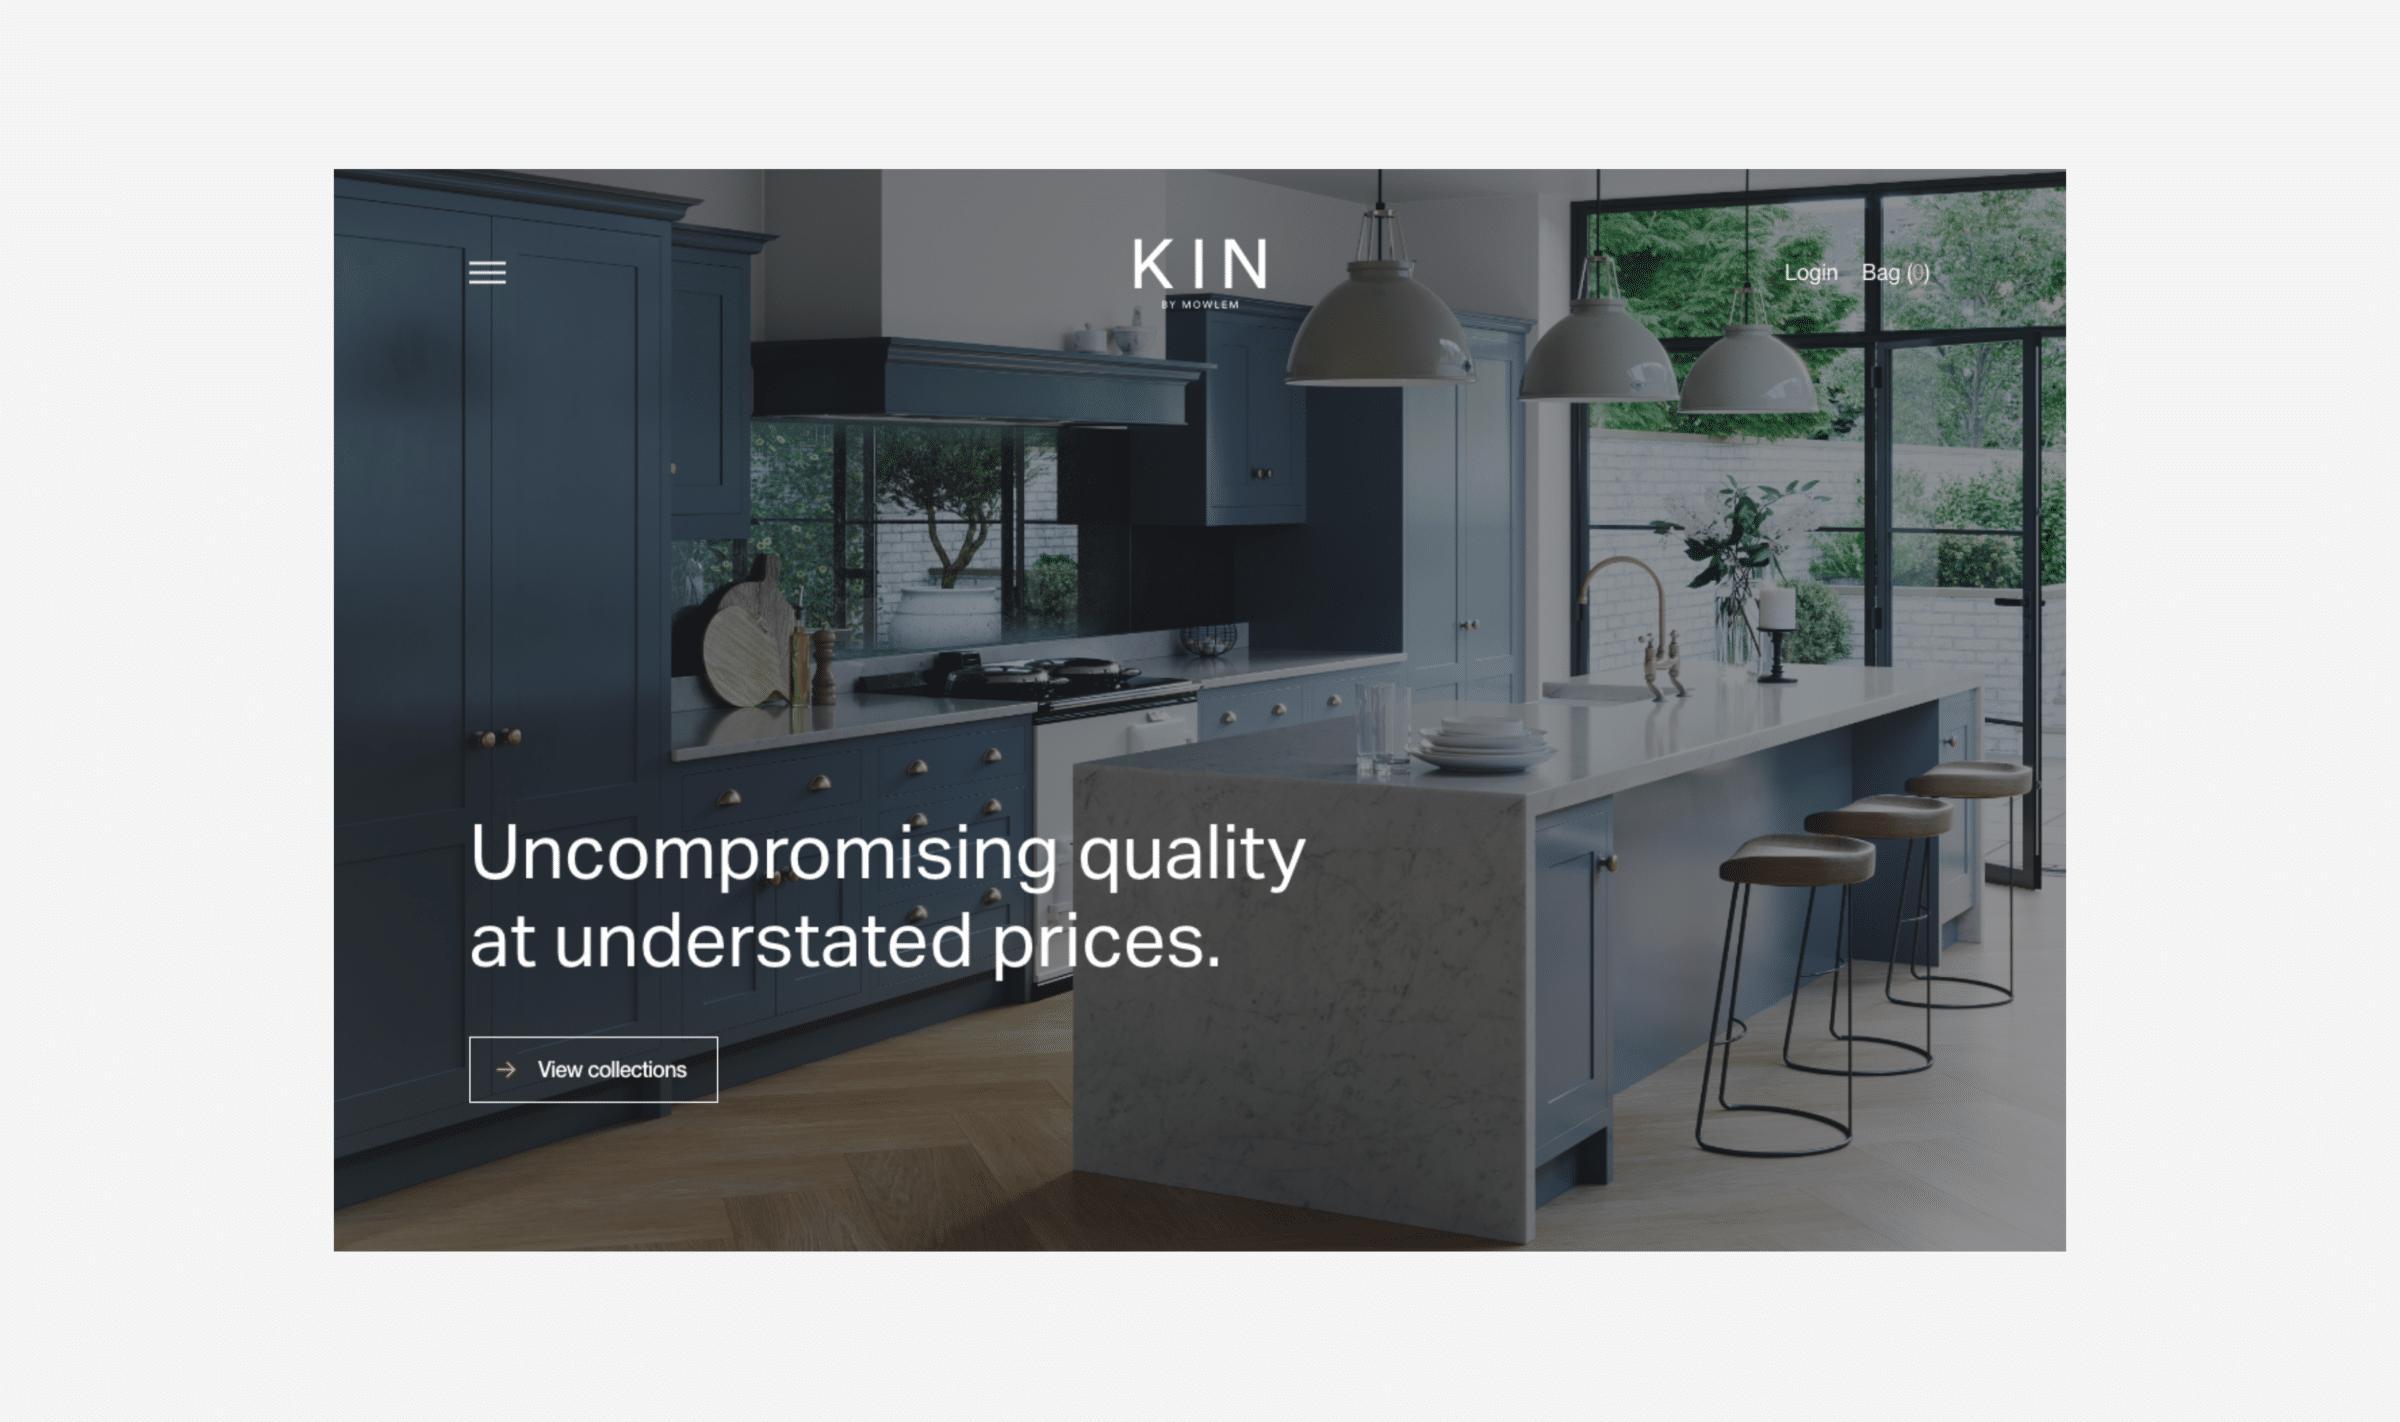 Kin by Mowlem website by TAC